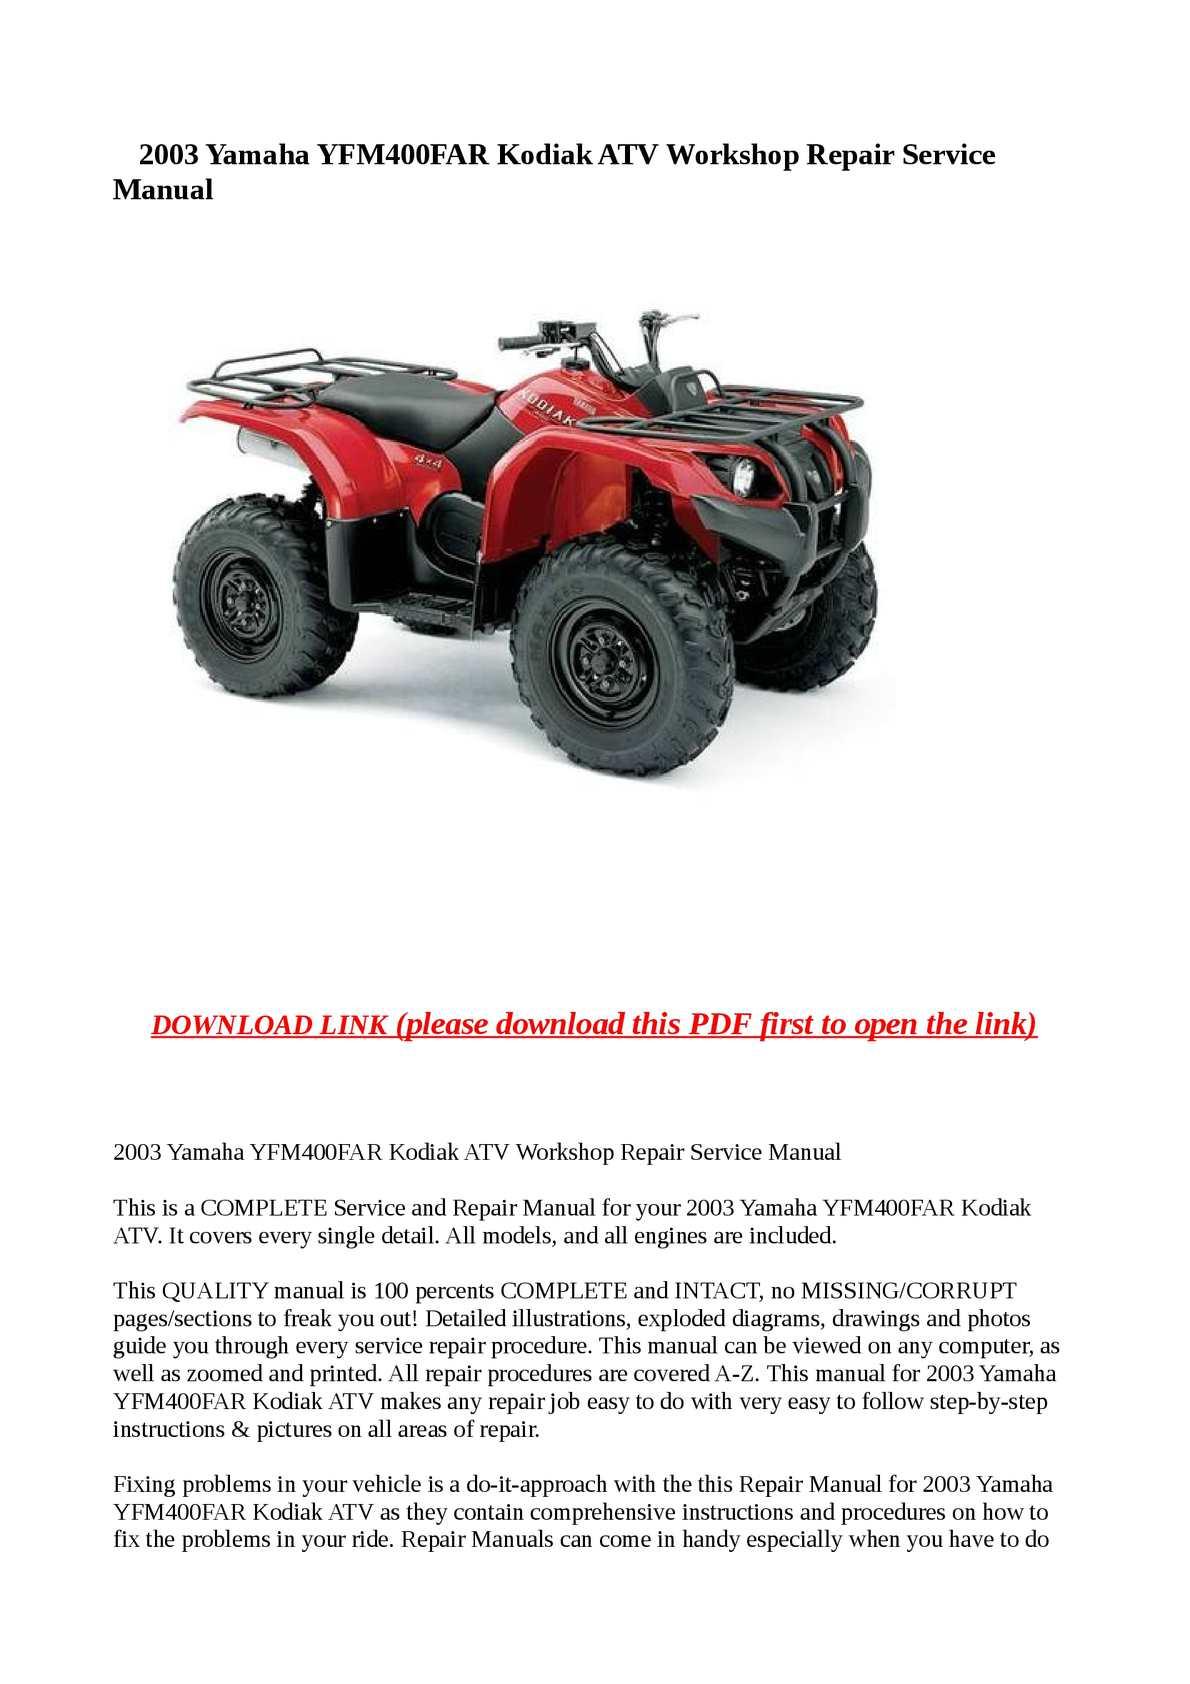 Calaméo - 2003 Yamaha YFM400FAR Kodiak ATV Workshop Repair Service Manual